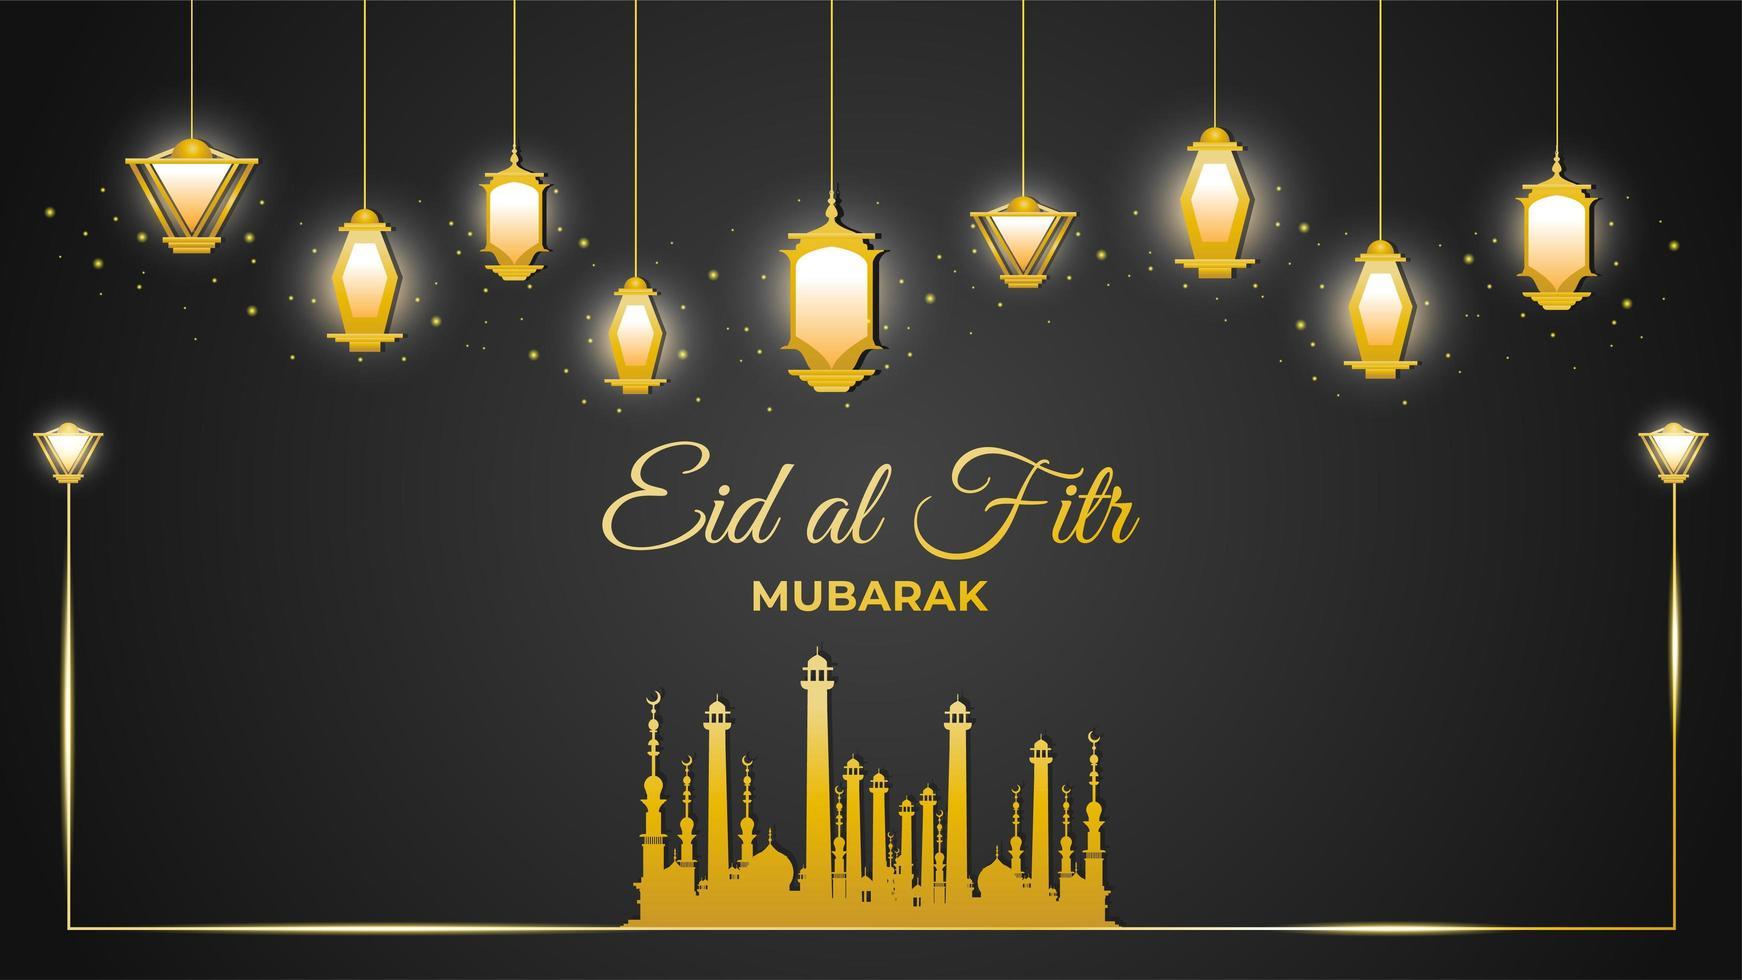 eid al-fitr Moschee und goldene Laternen auf schwarz vektor